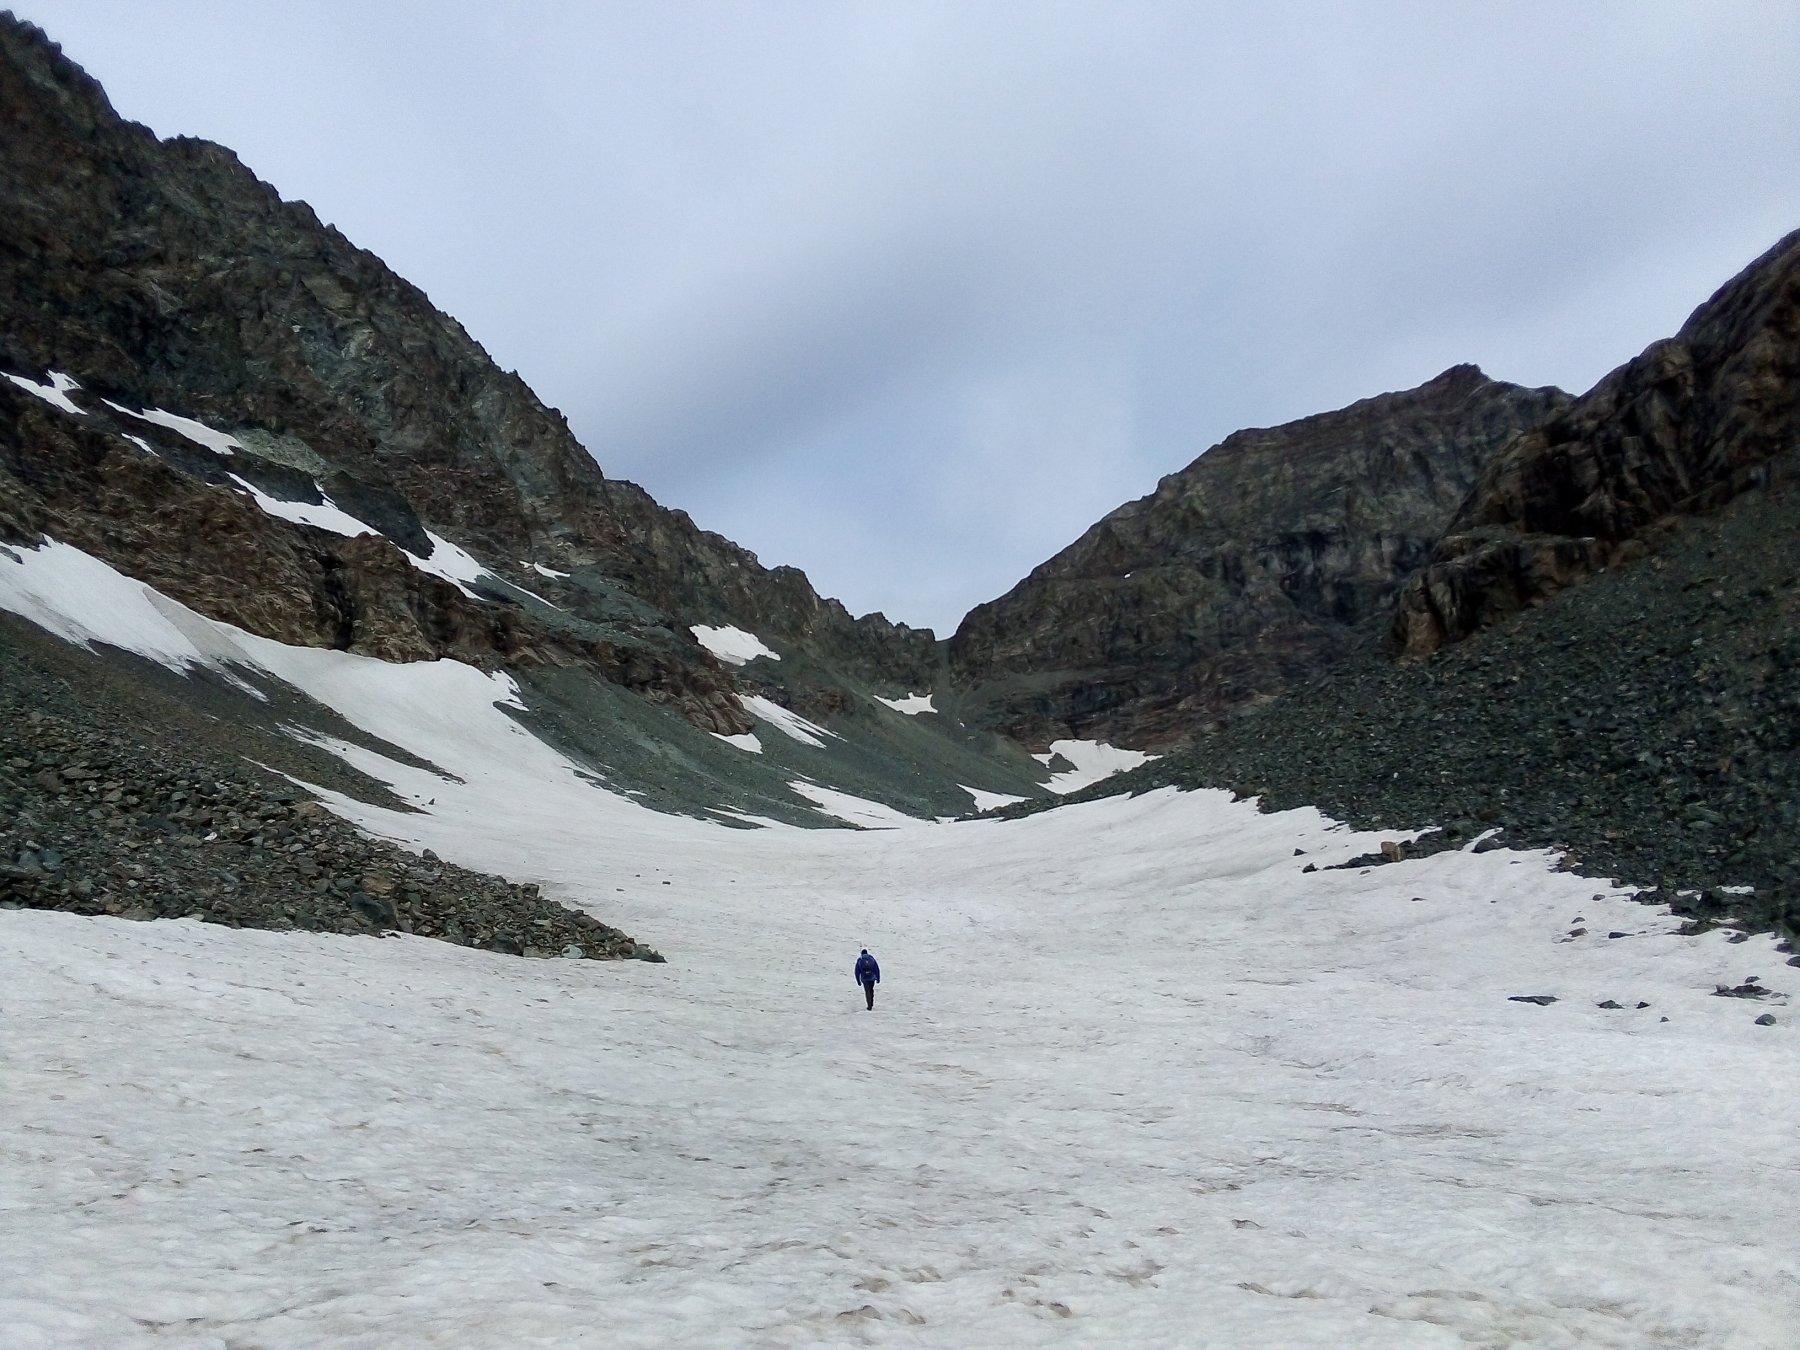 Lungo i grandi nevai del Pian Gias. In fondo a destra si vede già la cima.